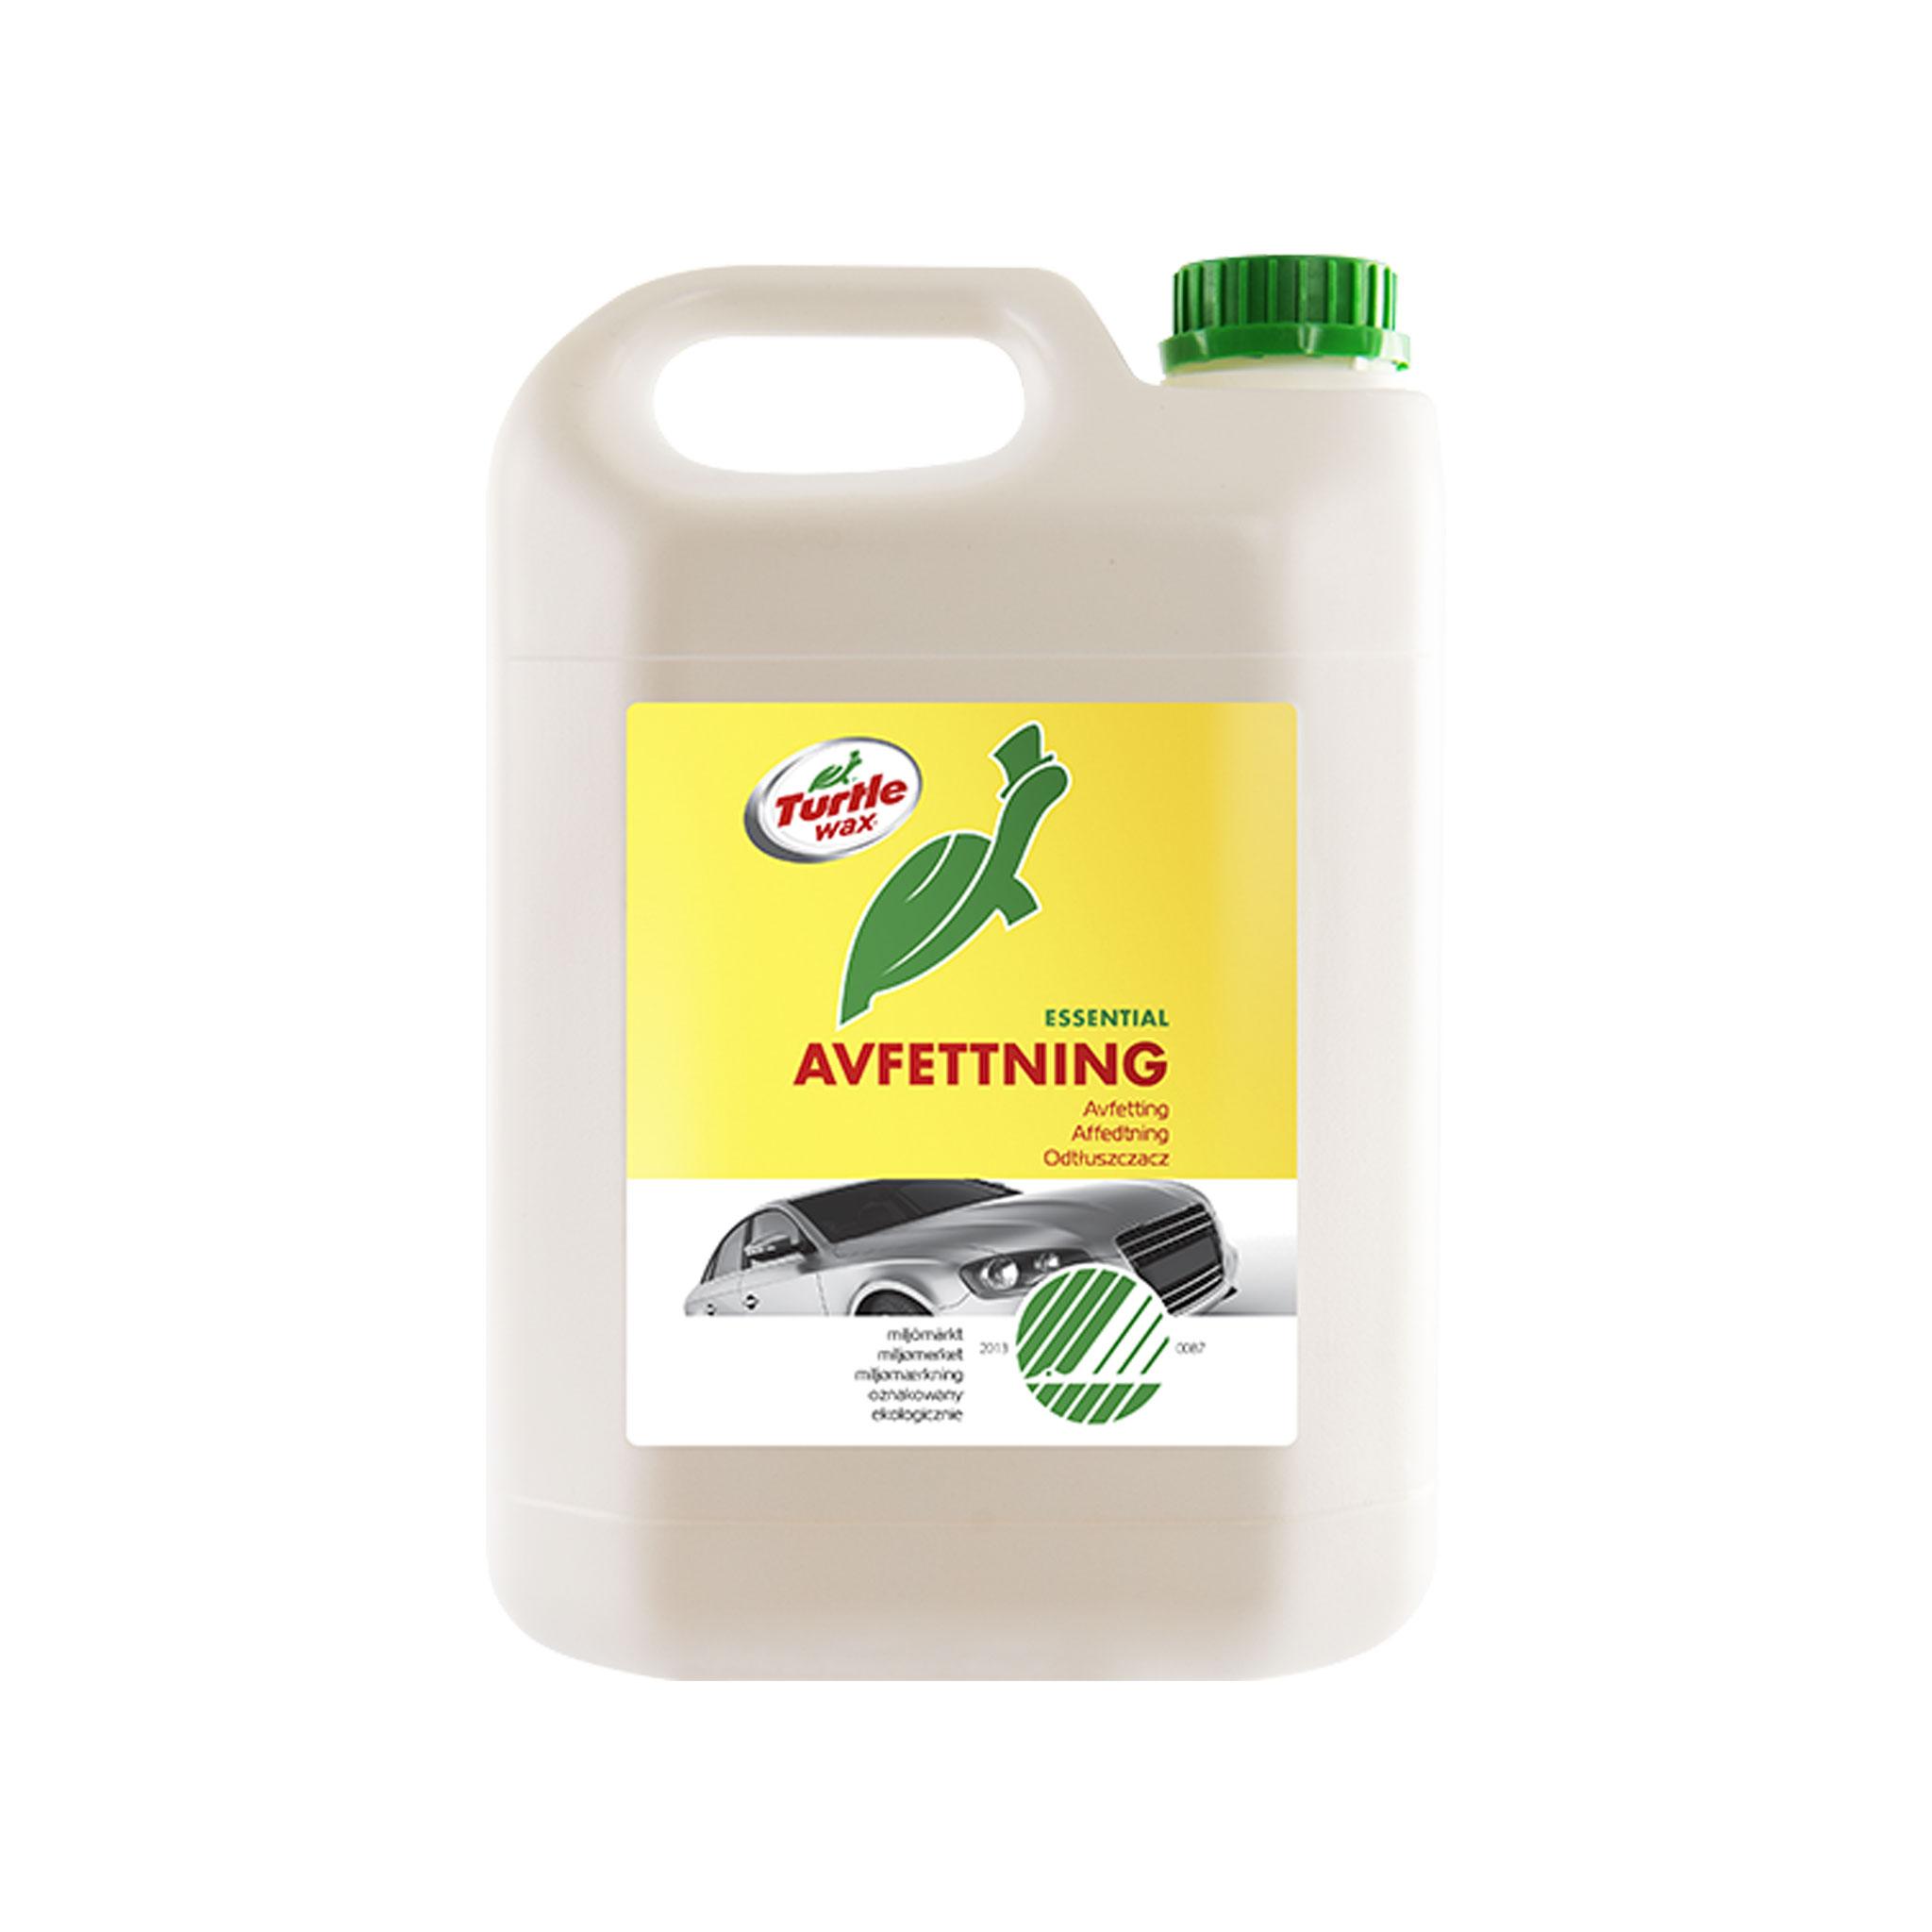 Förtvättsmedel Turtle Wax Avfettning Svanenmärkt, 5000 ml / Dunk